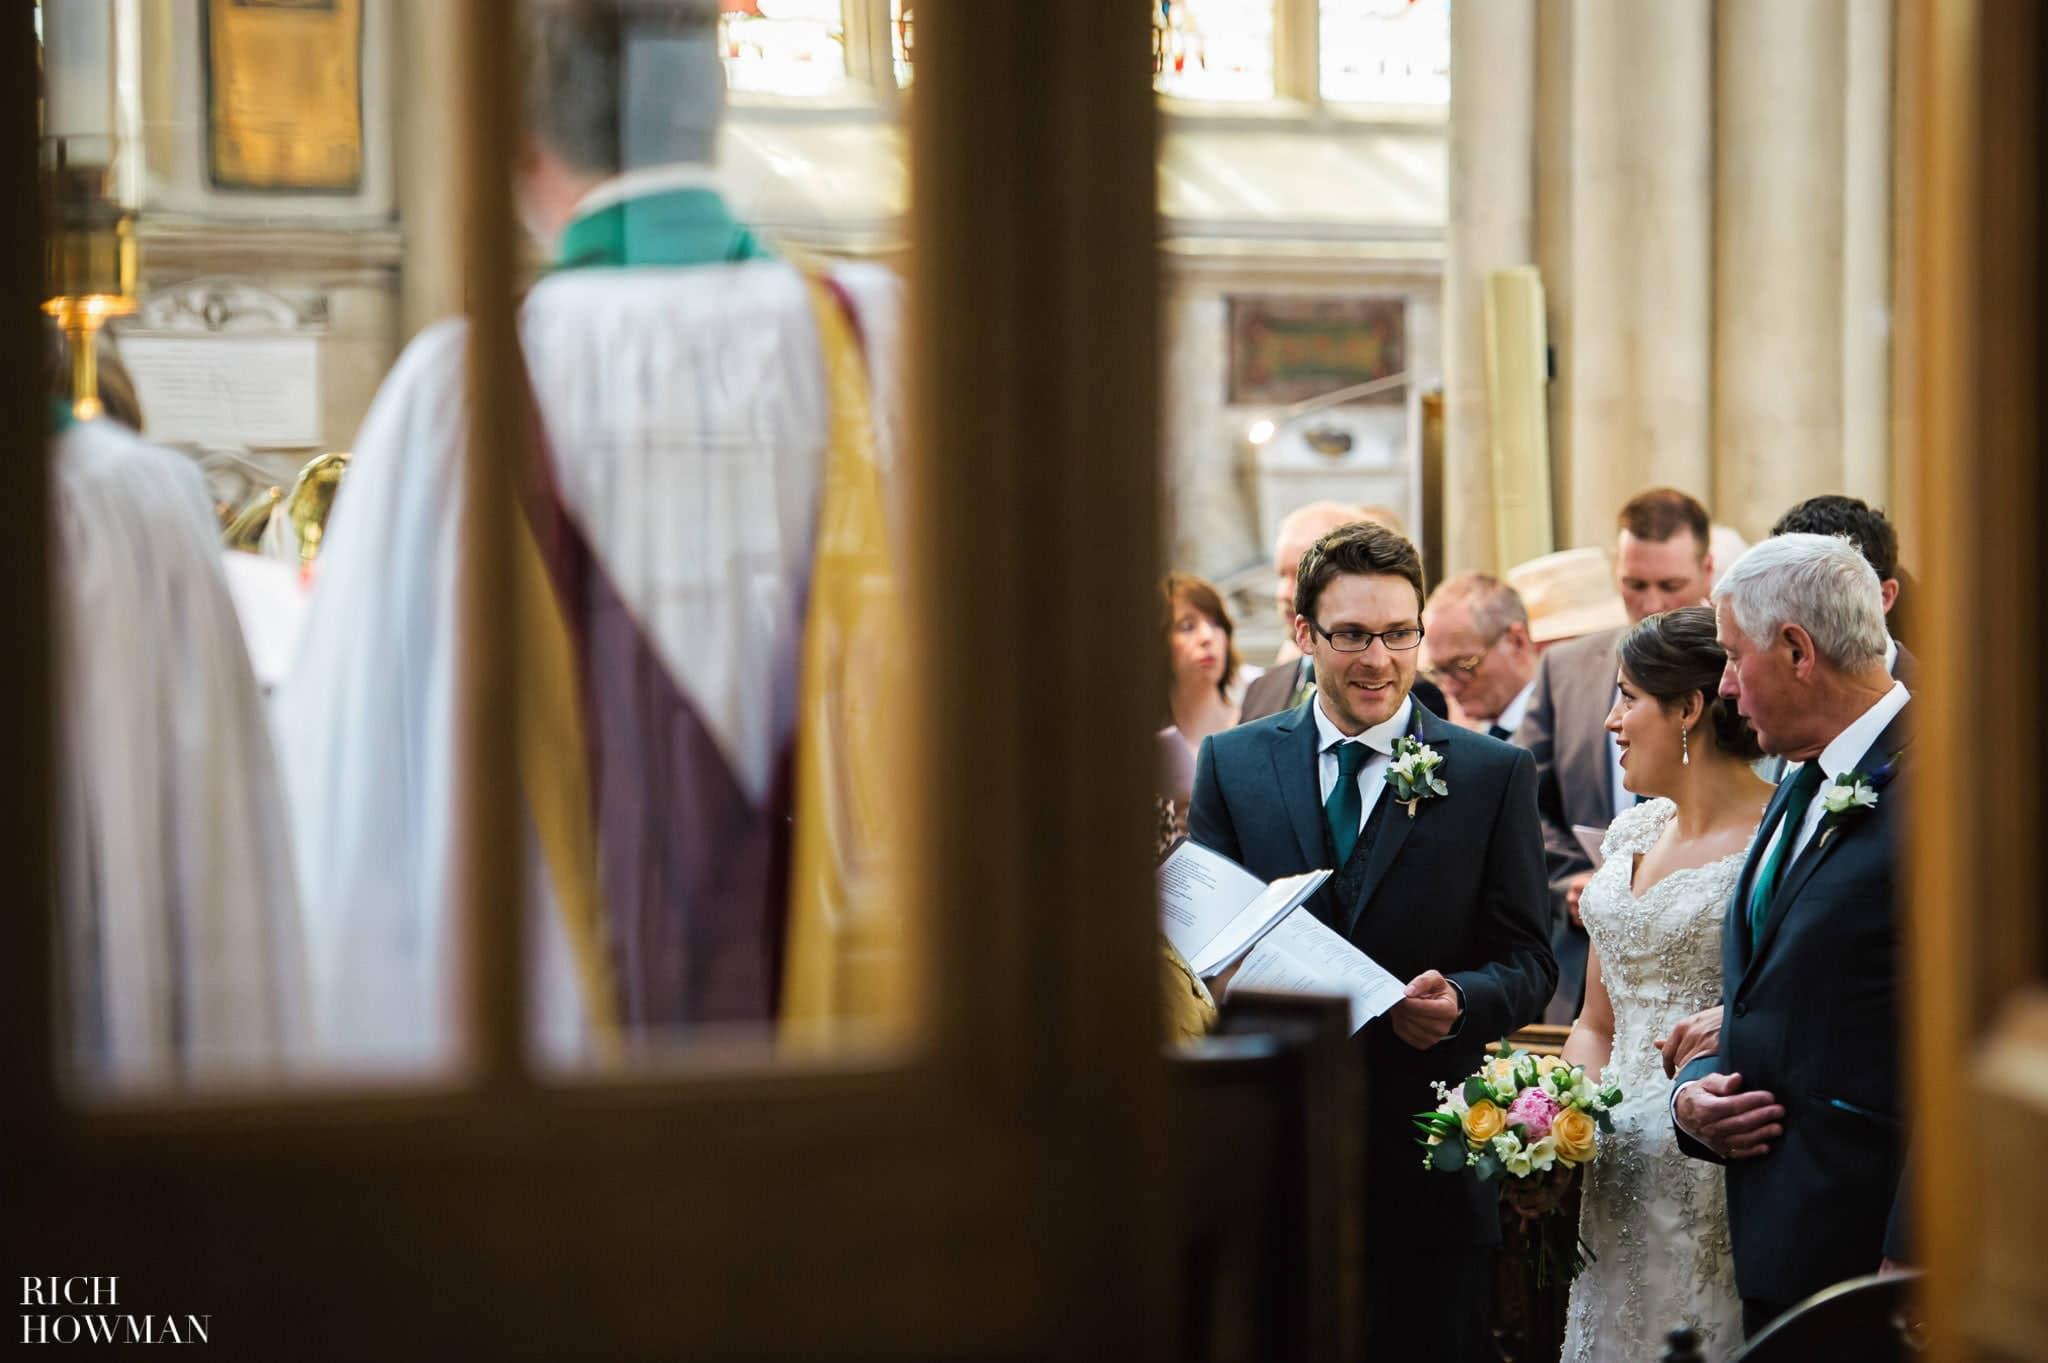 Wedding at Bath Abbey   Reception at Priston Mill, Bath 87